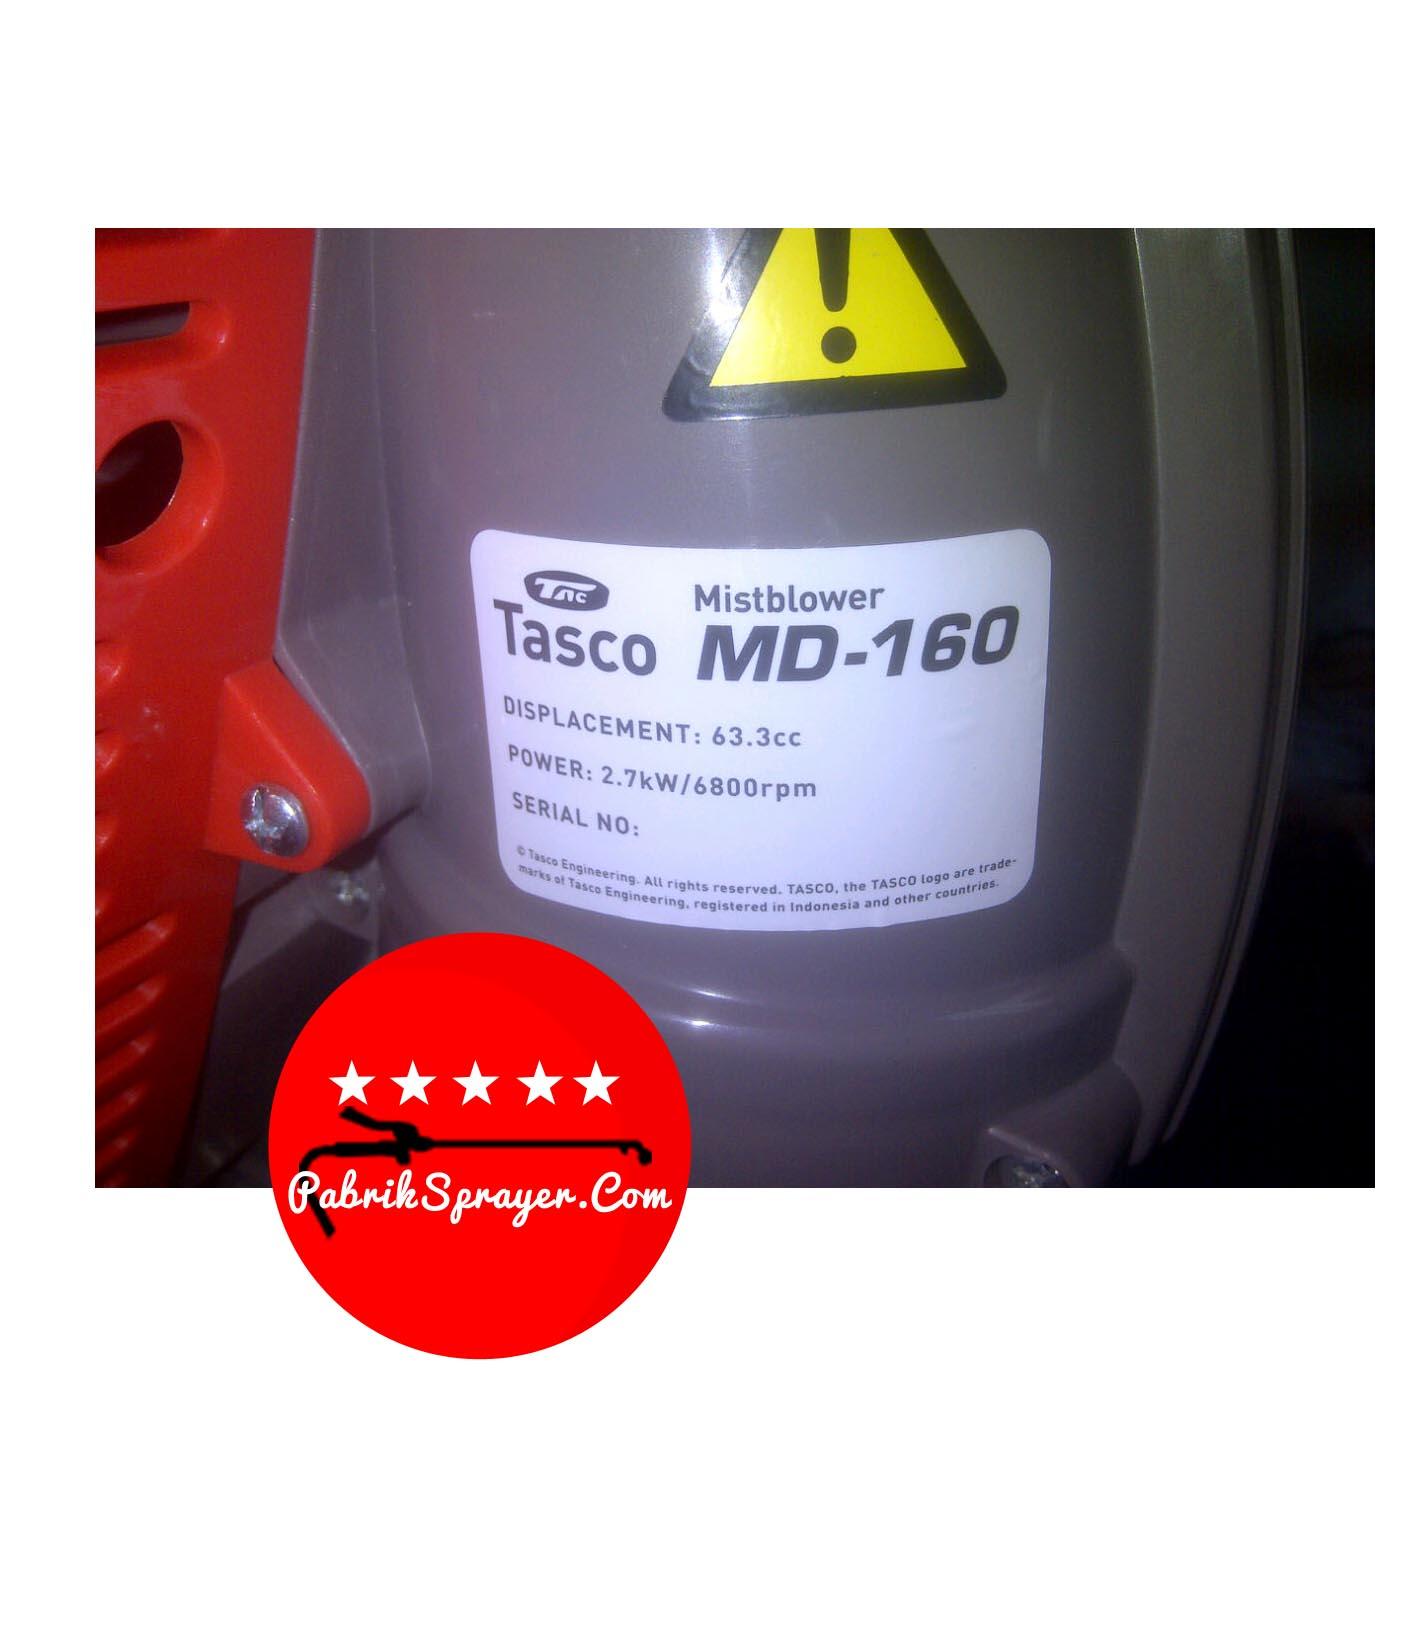 Mist blower MD-160